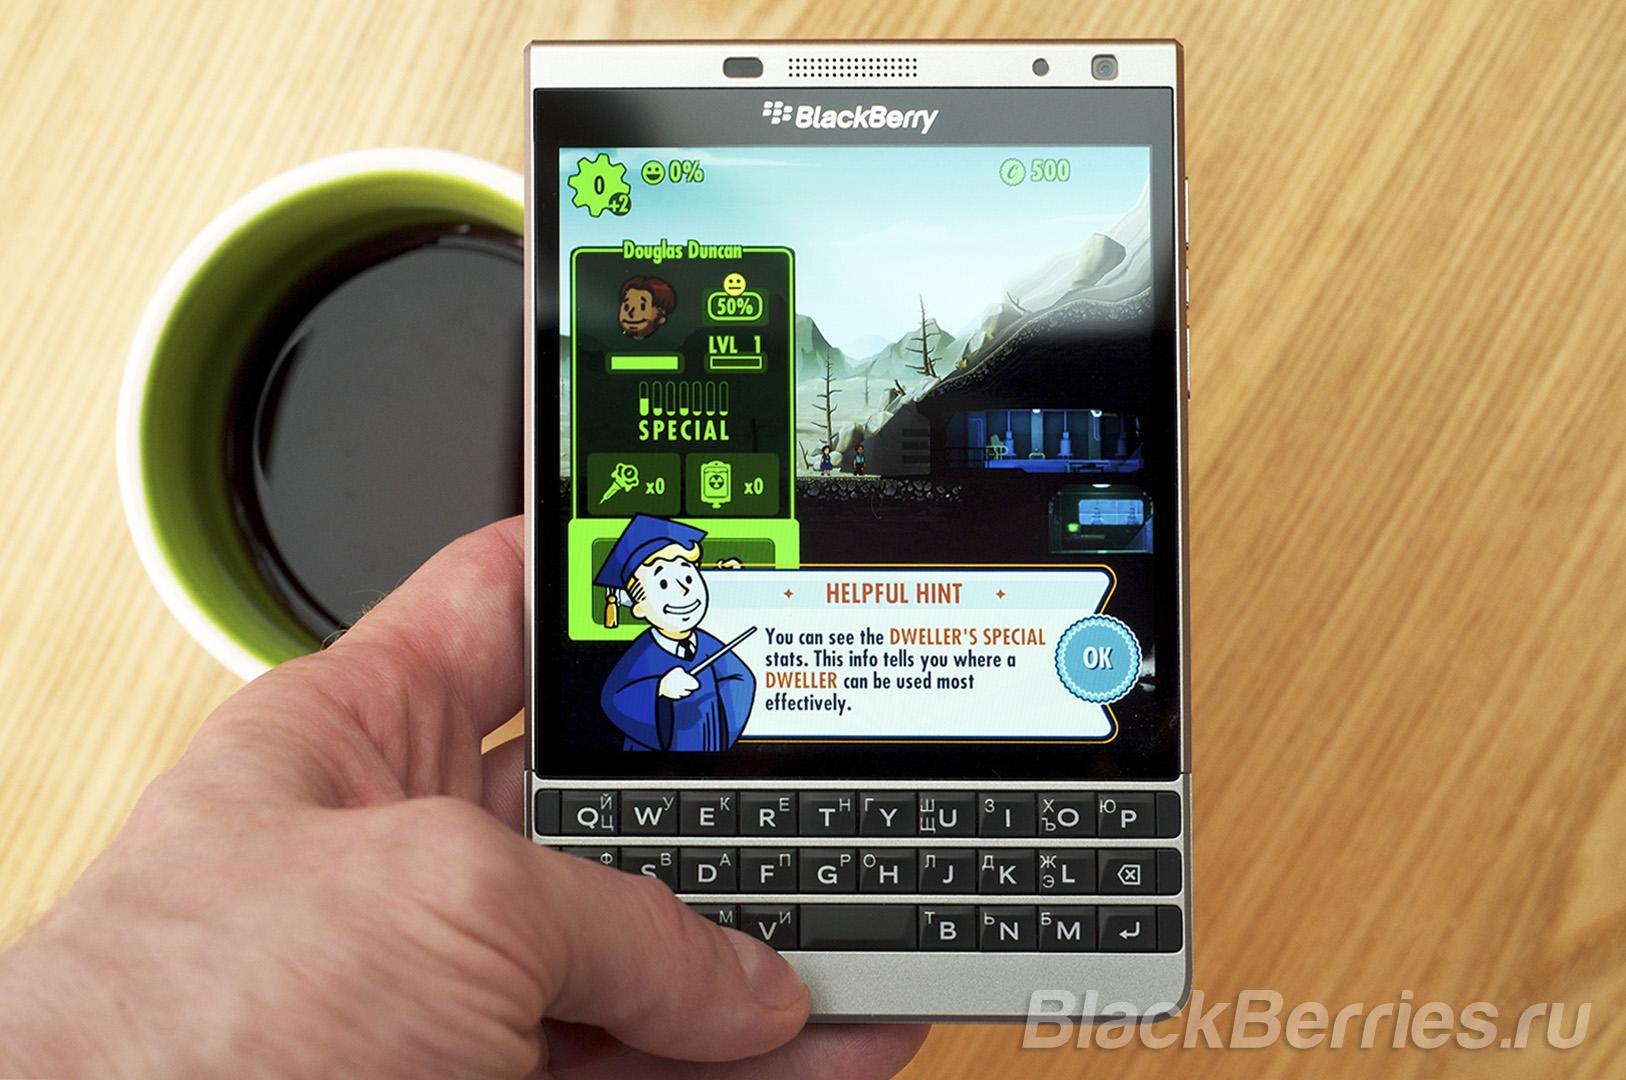 BlackBerry-Passport-Fallout-Shelter-1